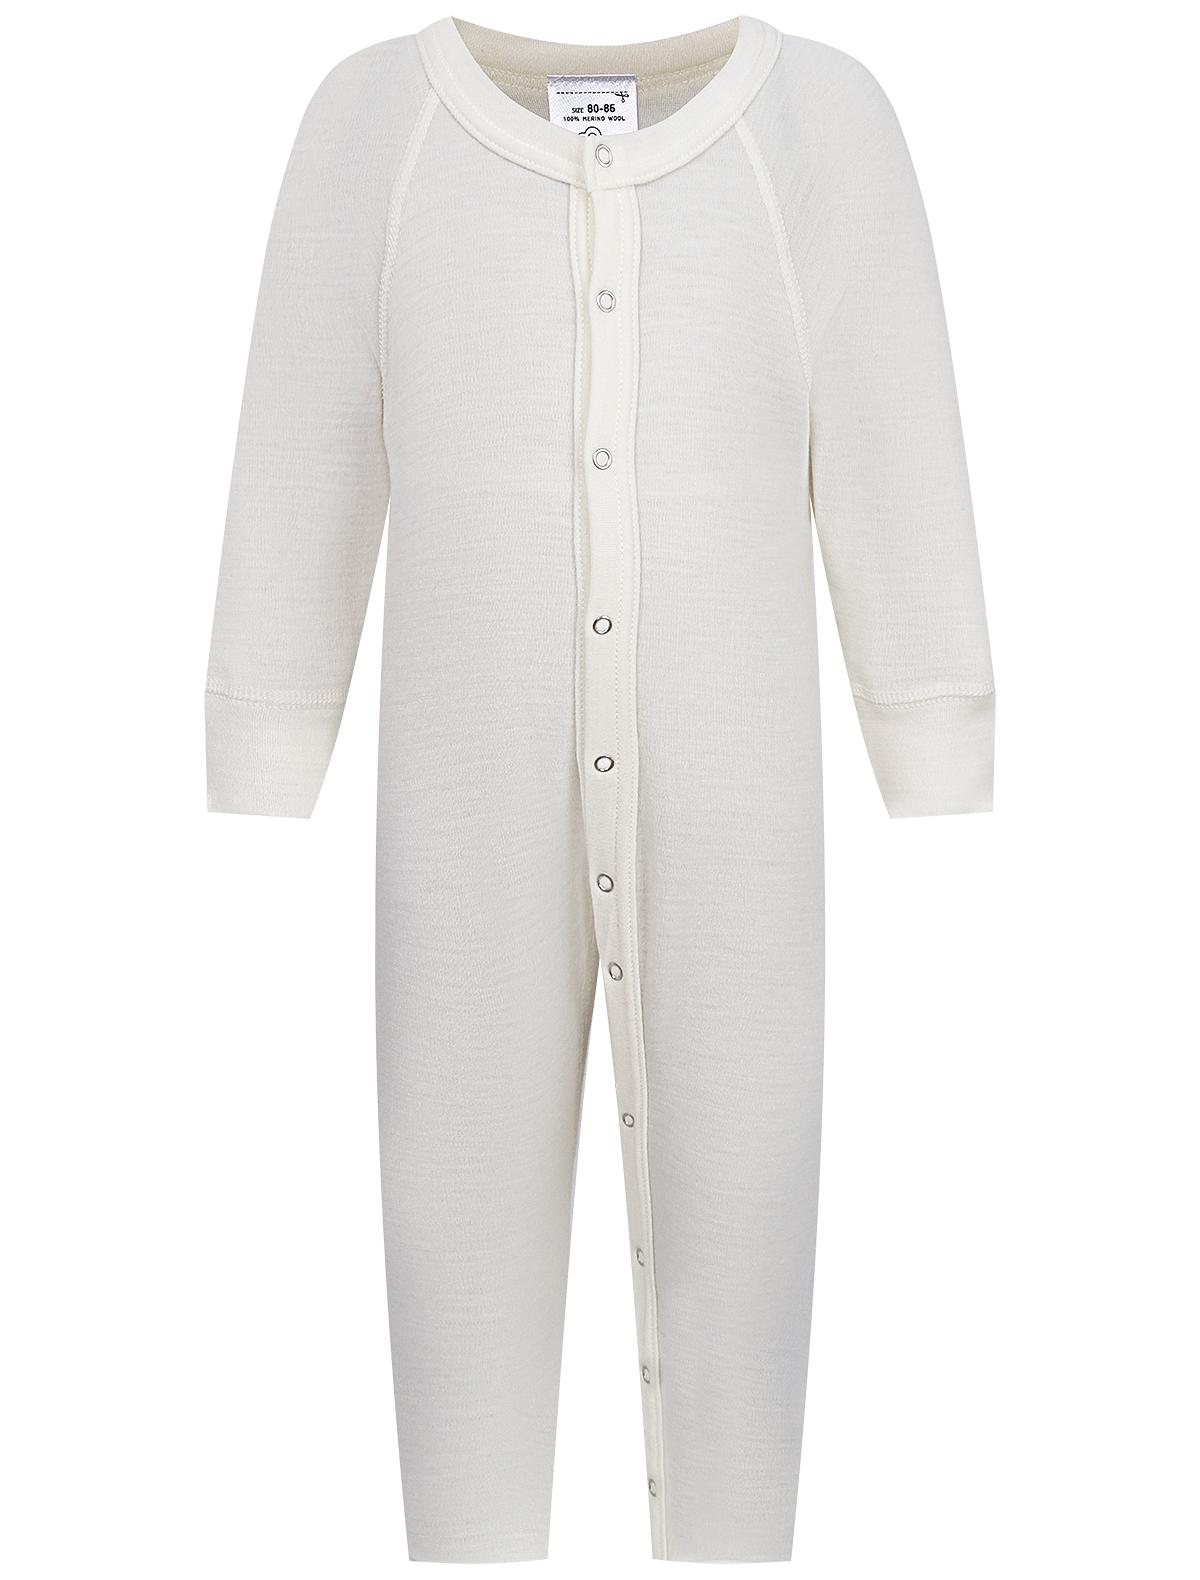 Купить 2249670, Комбинезон Air wool, разноцветный, 1284529080500